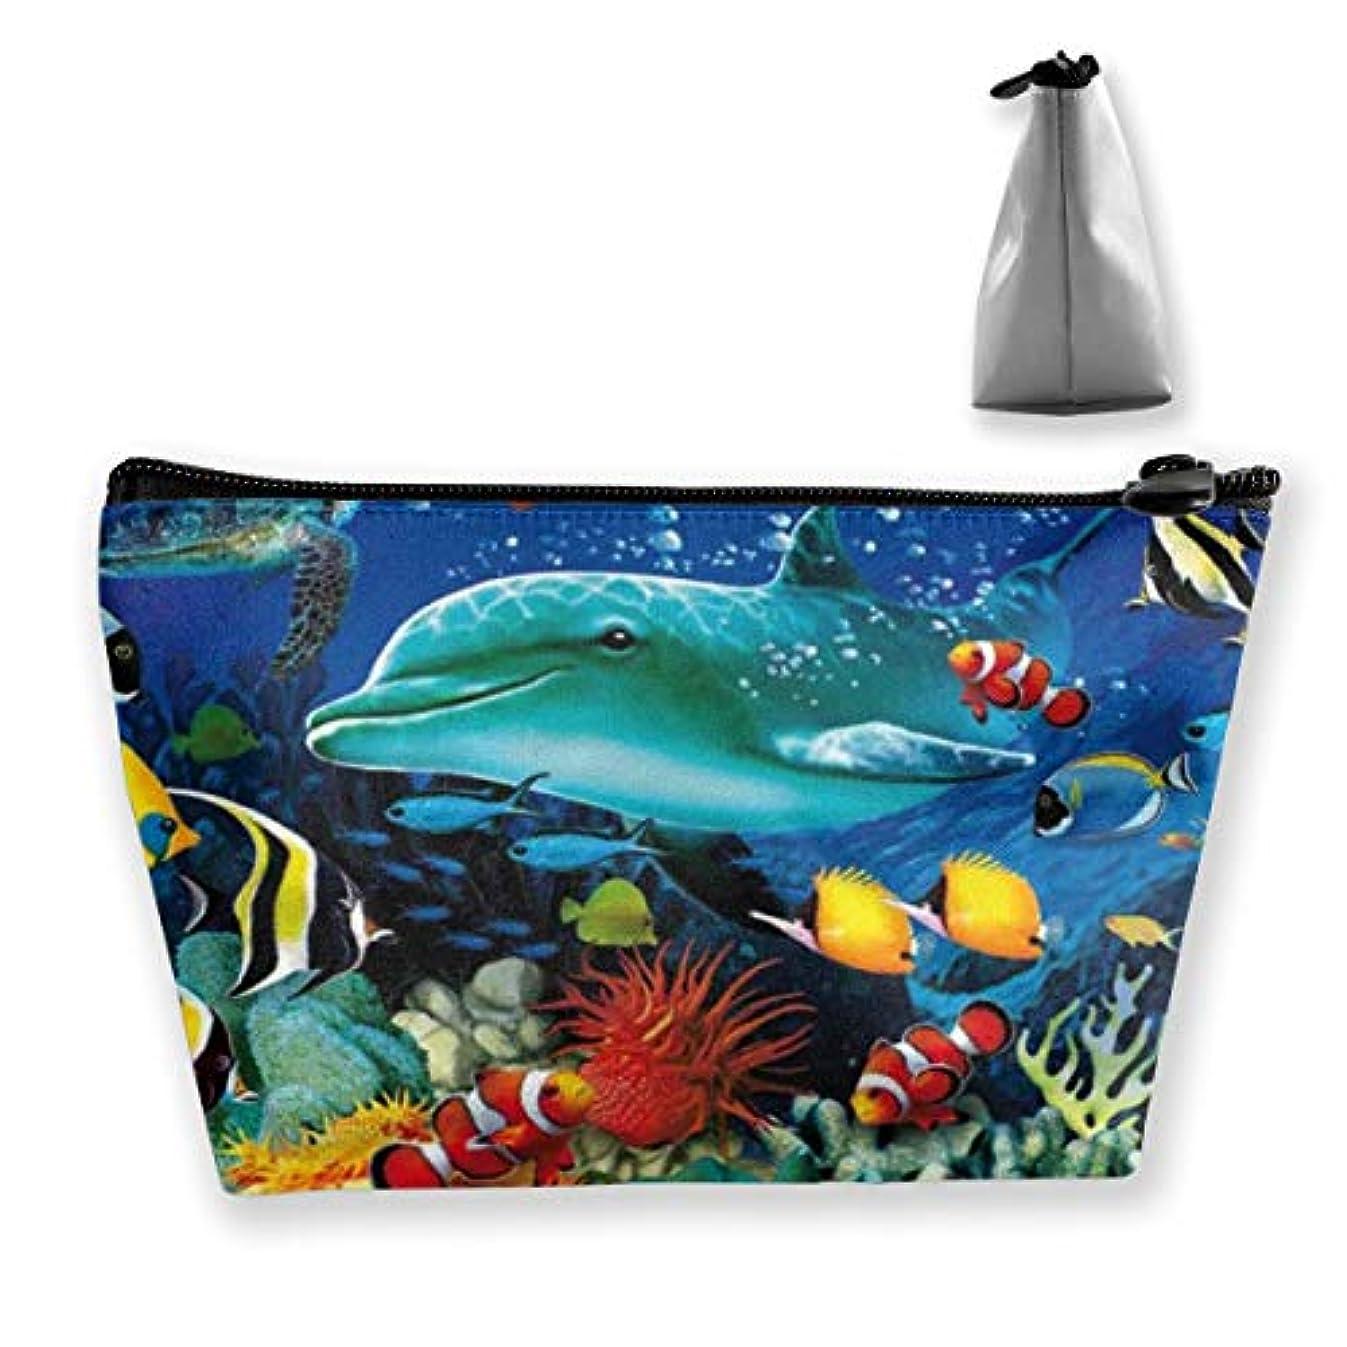 ペルセウスに勝る受けるJoycego 海中水中イルカ魚サンゴ日没ウミガメ 化粧品袋の携帯用旅行構造の袋の洗面用品の主催者